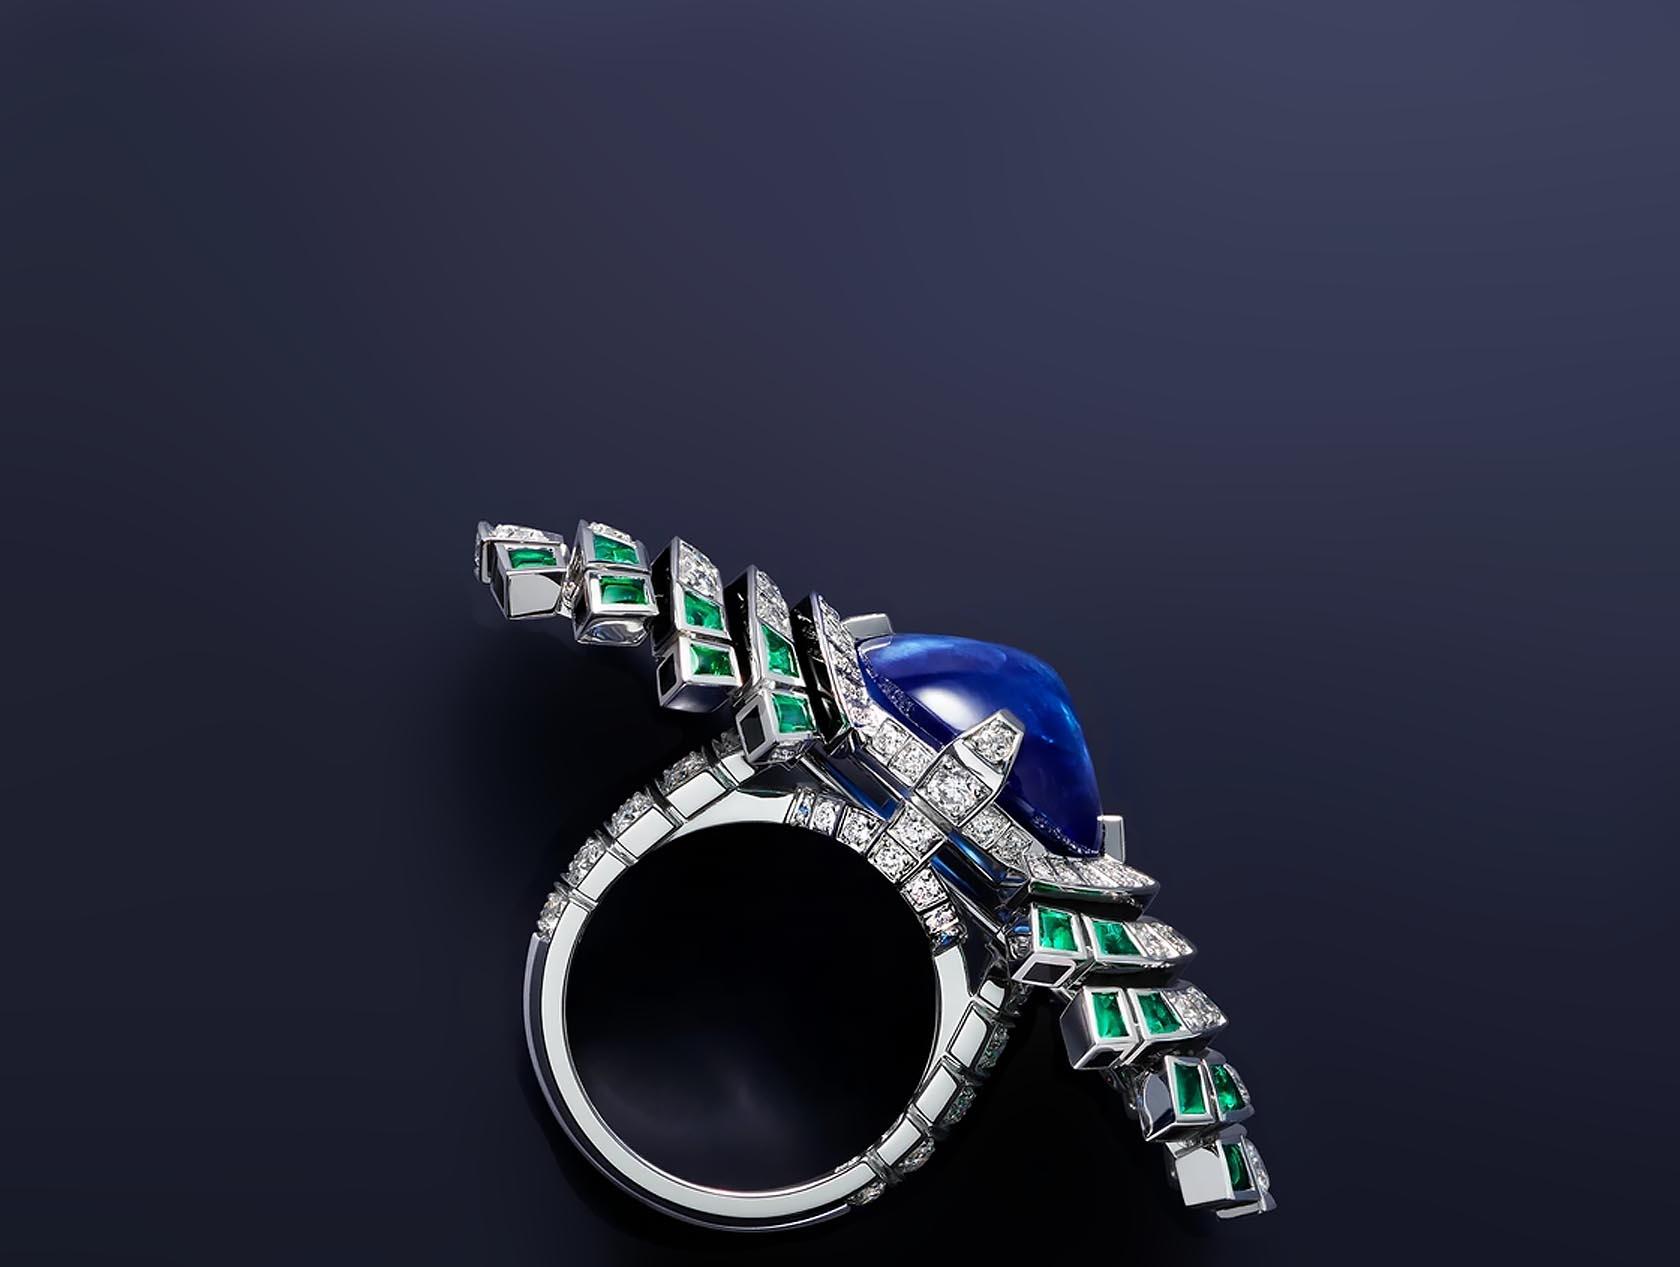 Небесный сапфир притягивает взгляд к кольцу Parhelia Cartier